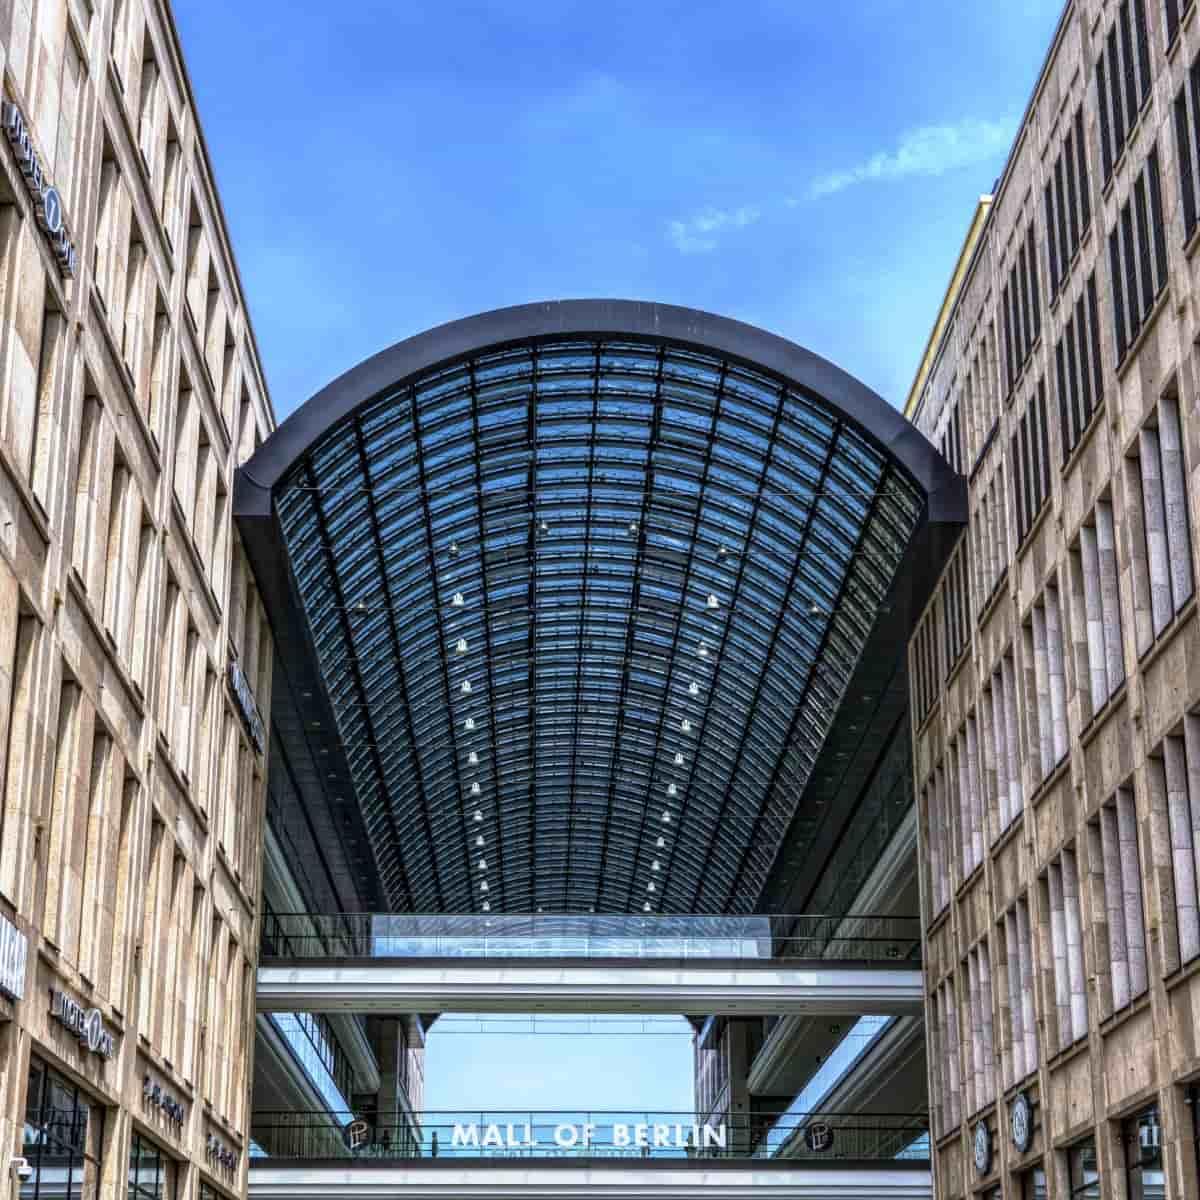 Wann kann man in der Mall of Berlin 2019 welchen Tanz tanzen?